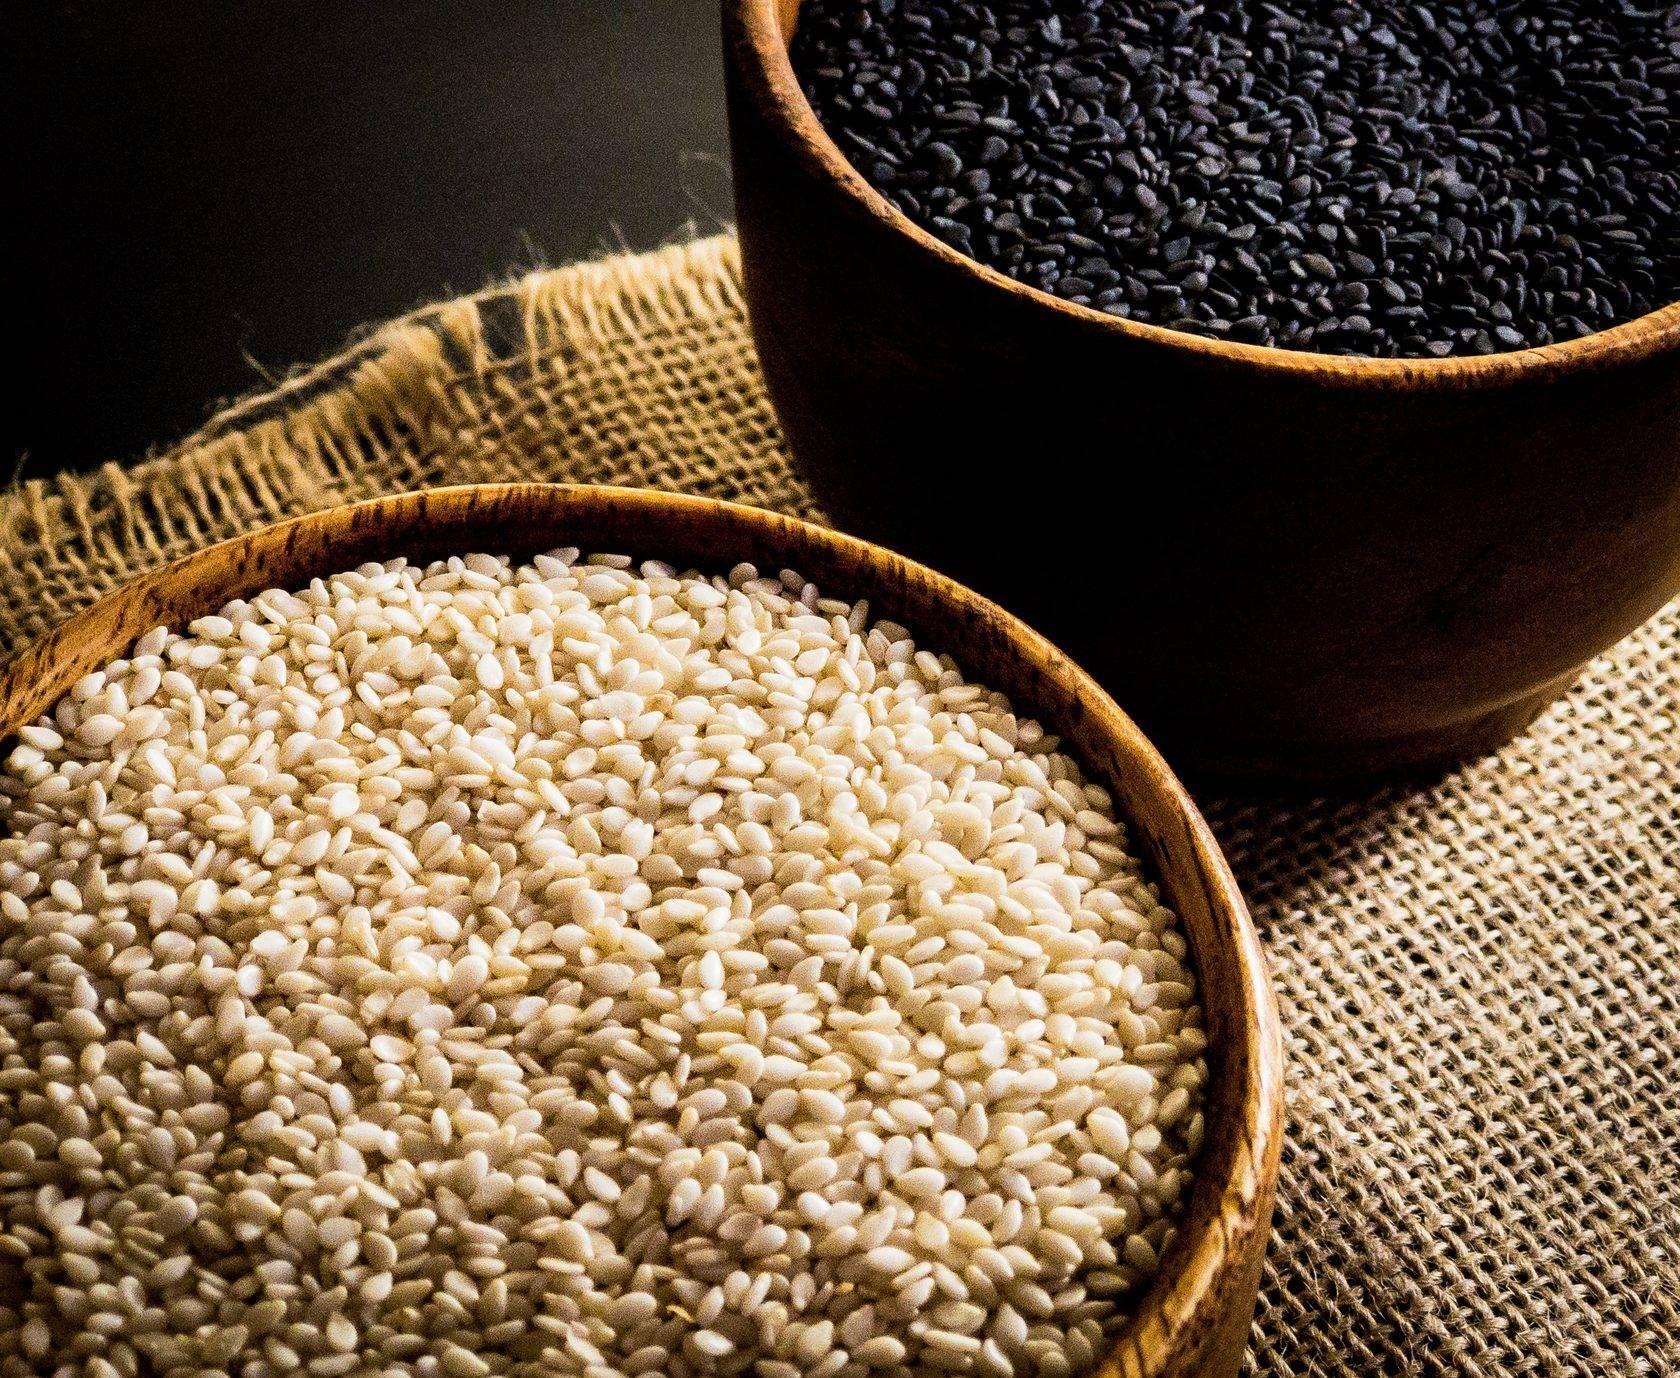 Кунжутное семя - польза и вред для организма, состав и противопоказания